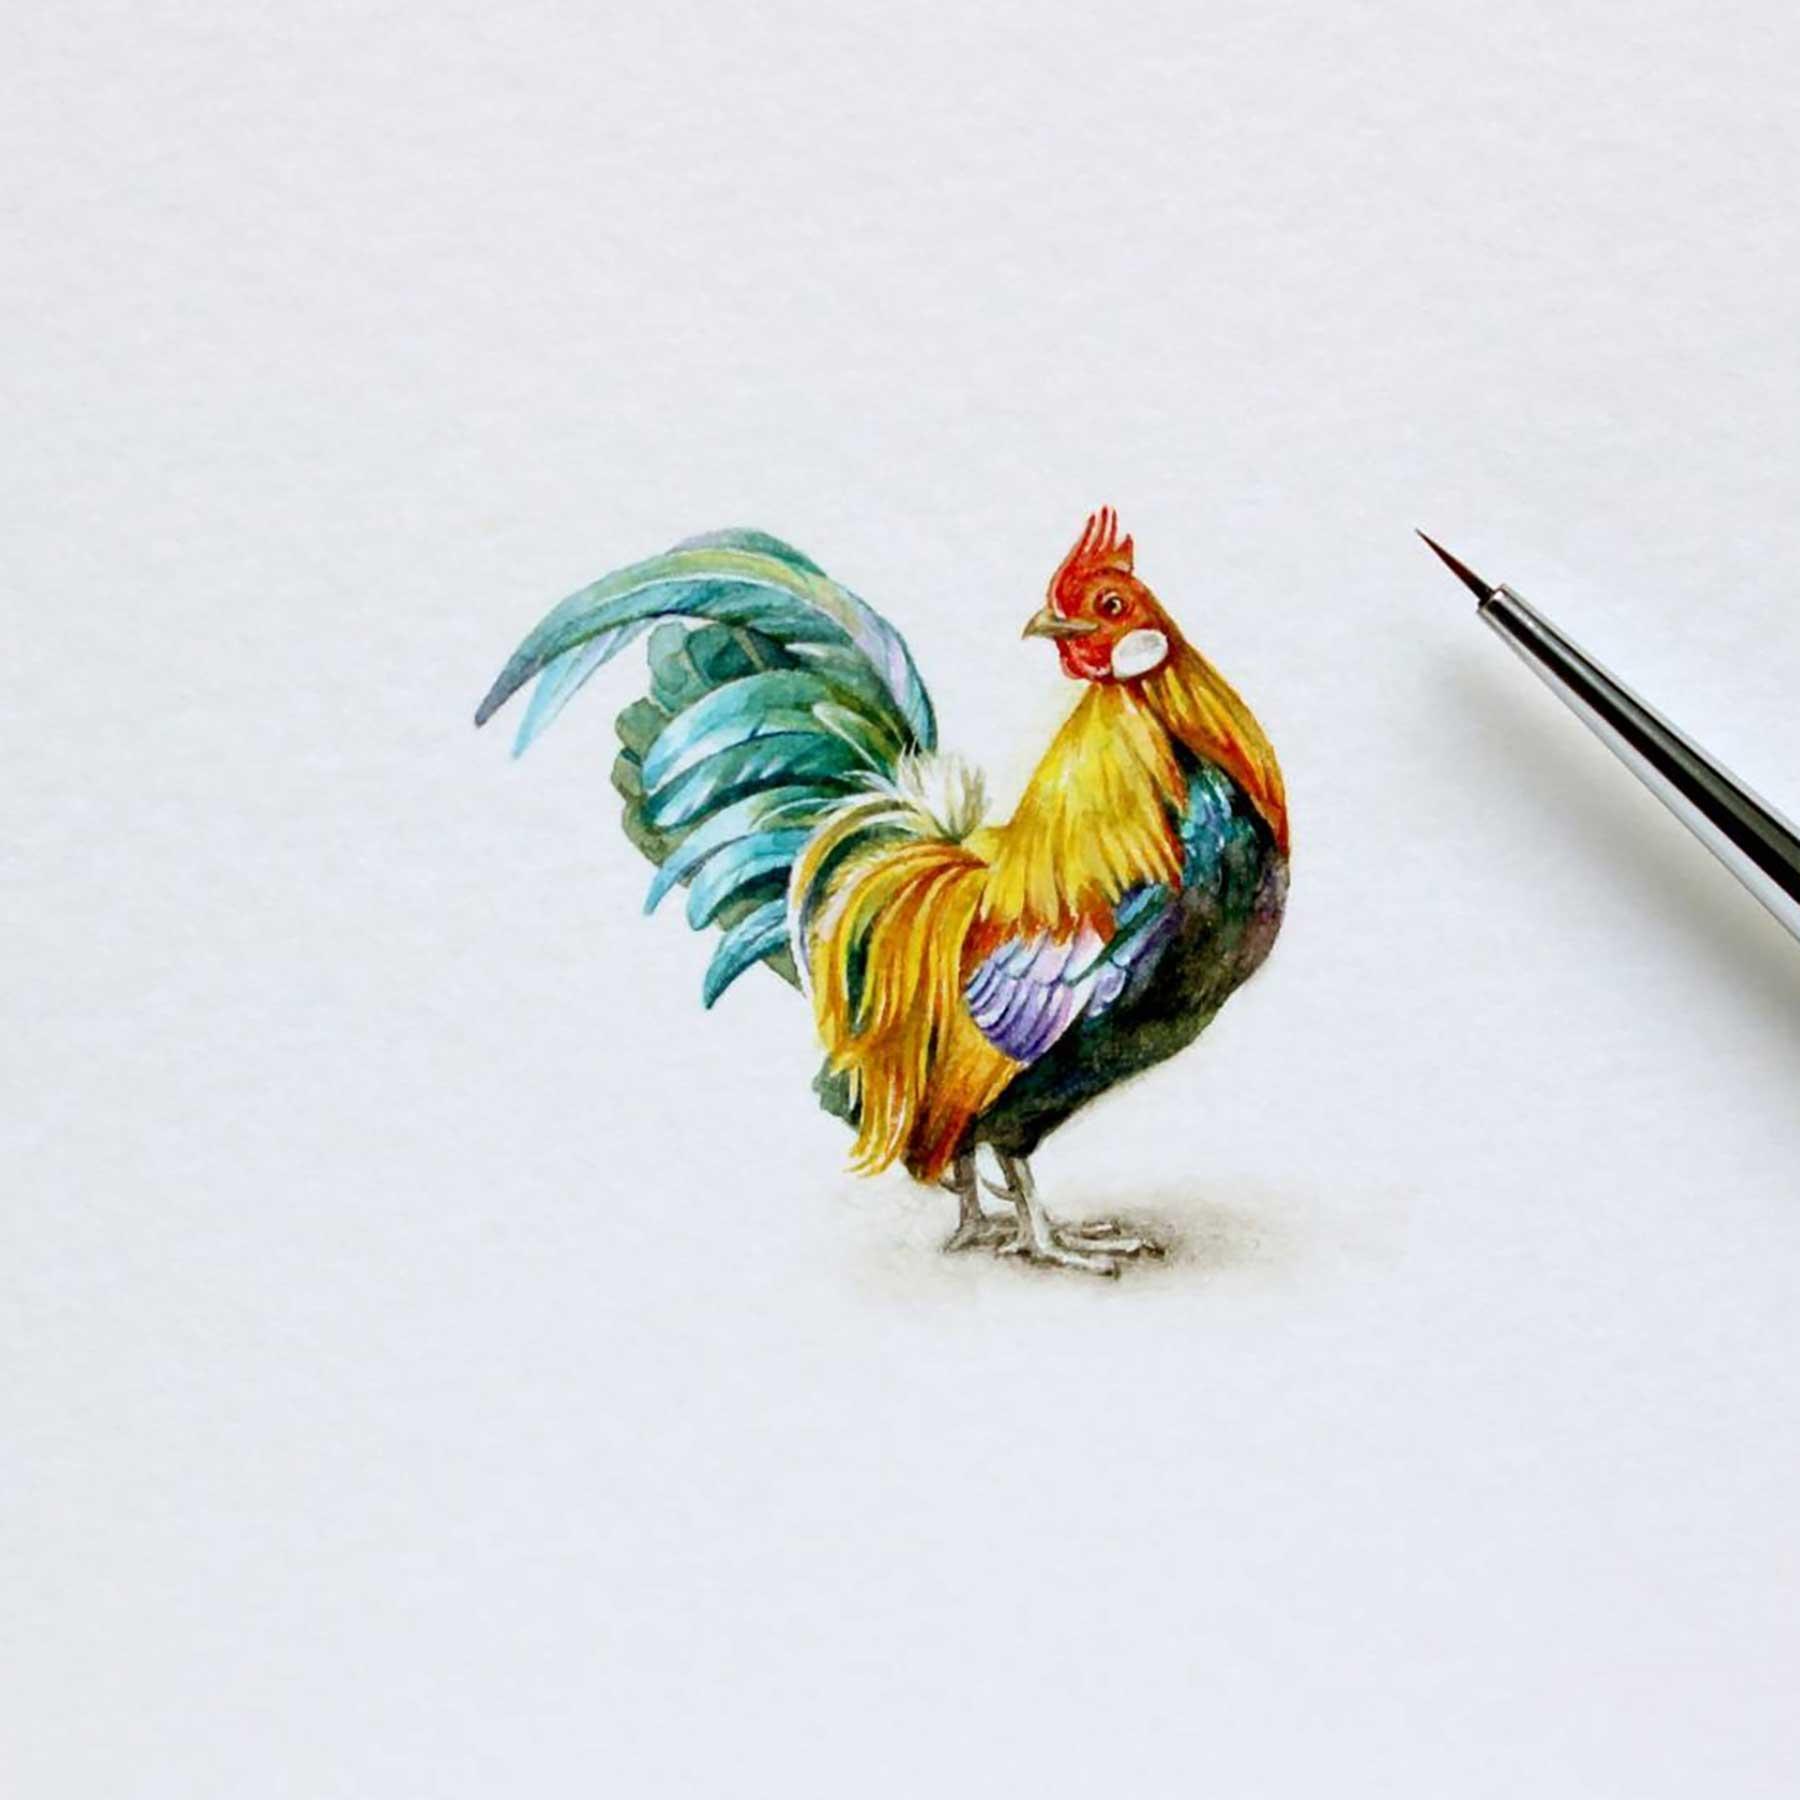 Miniatur-Wasserfarb-Tiere julia-las-wasserfarbe-tierportraits_09